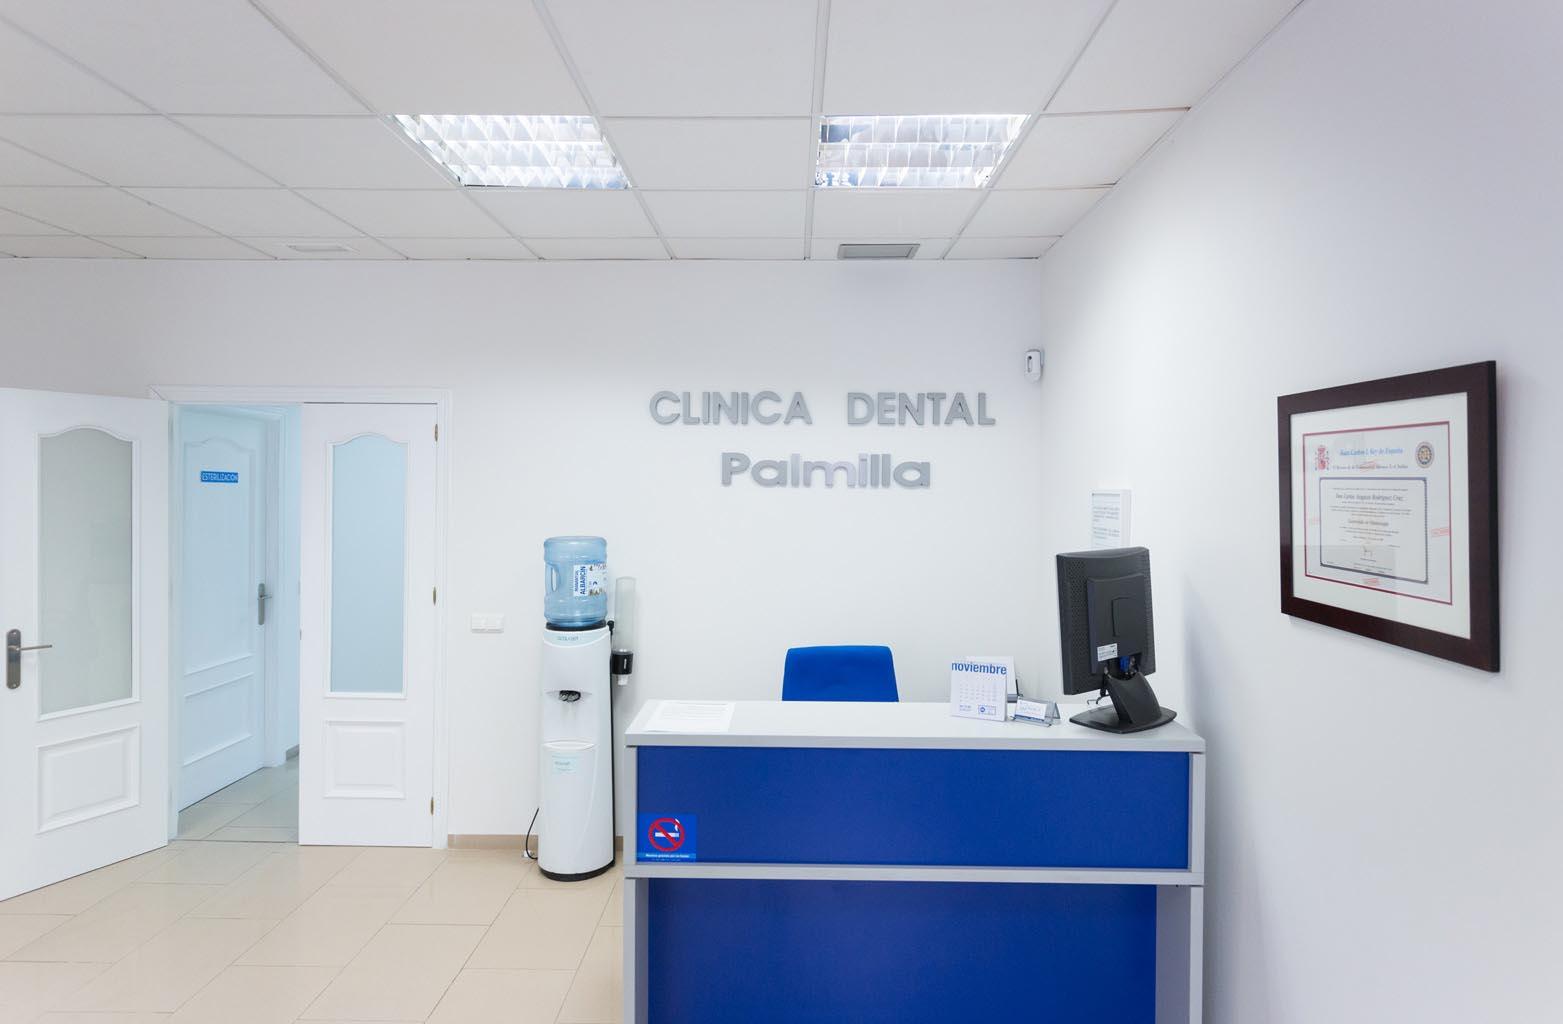 Clinica dental en Almería. Clínica Dental Palmilla